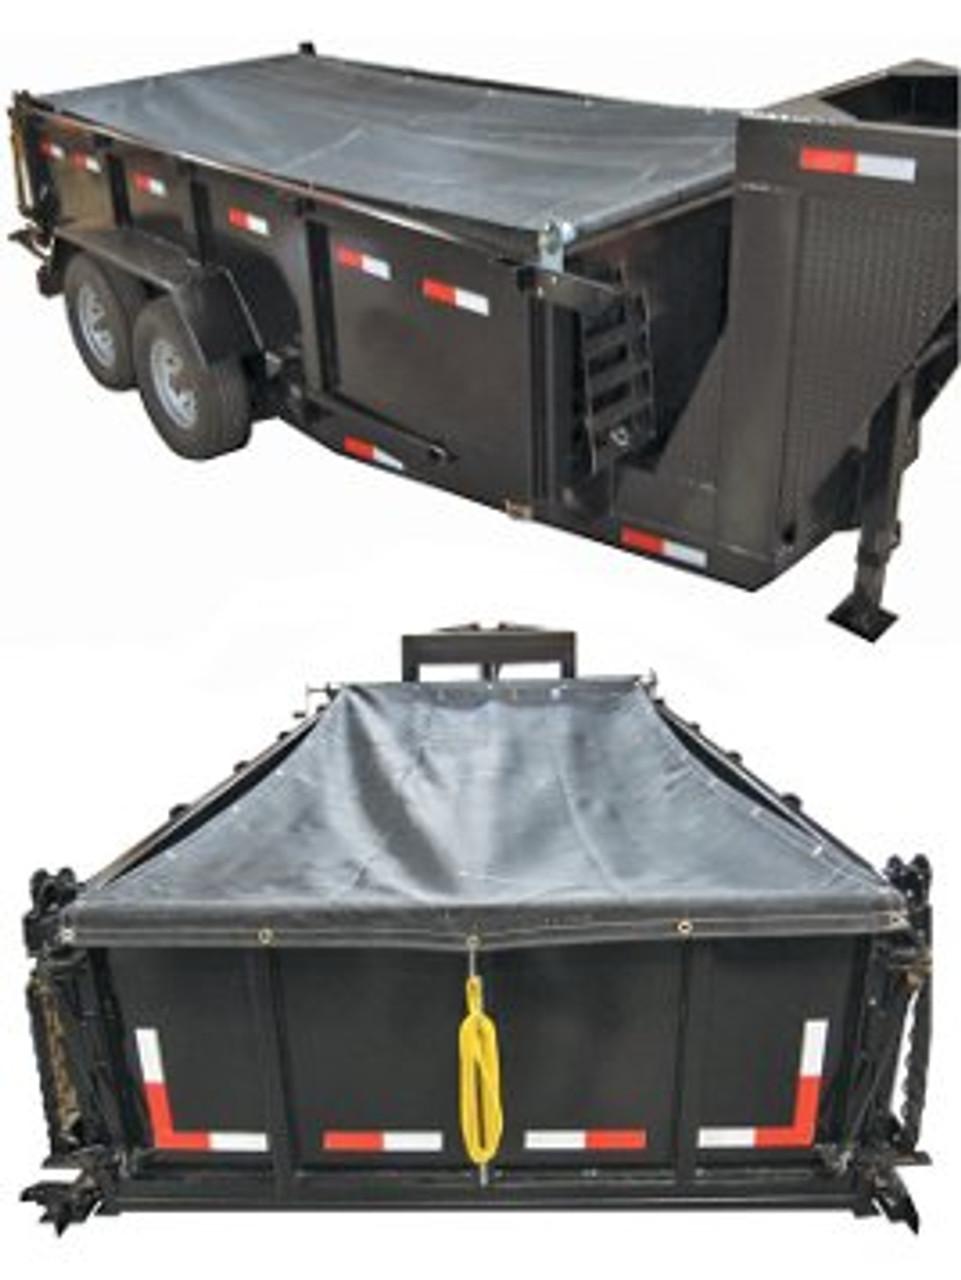 DTTK715 --- 7' x 15' Dump Trailer Tarp Kit